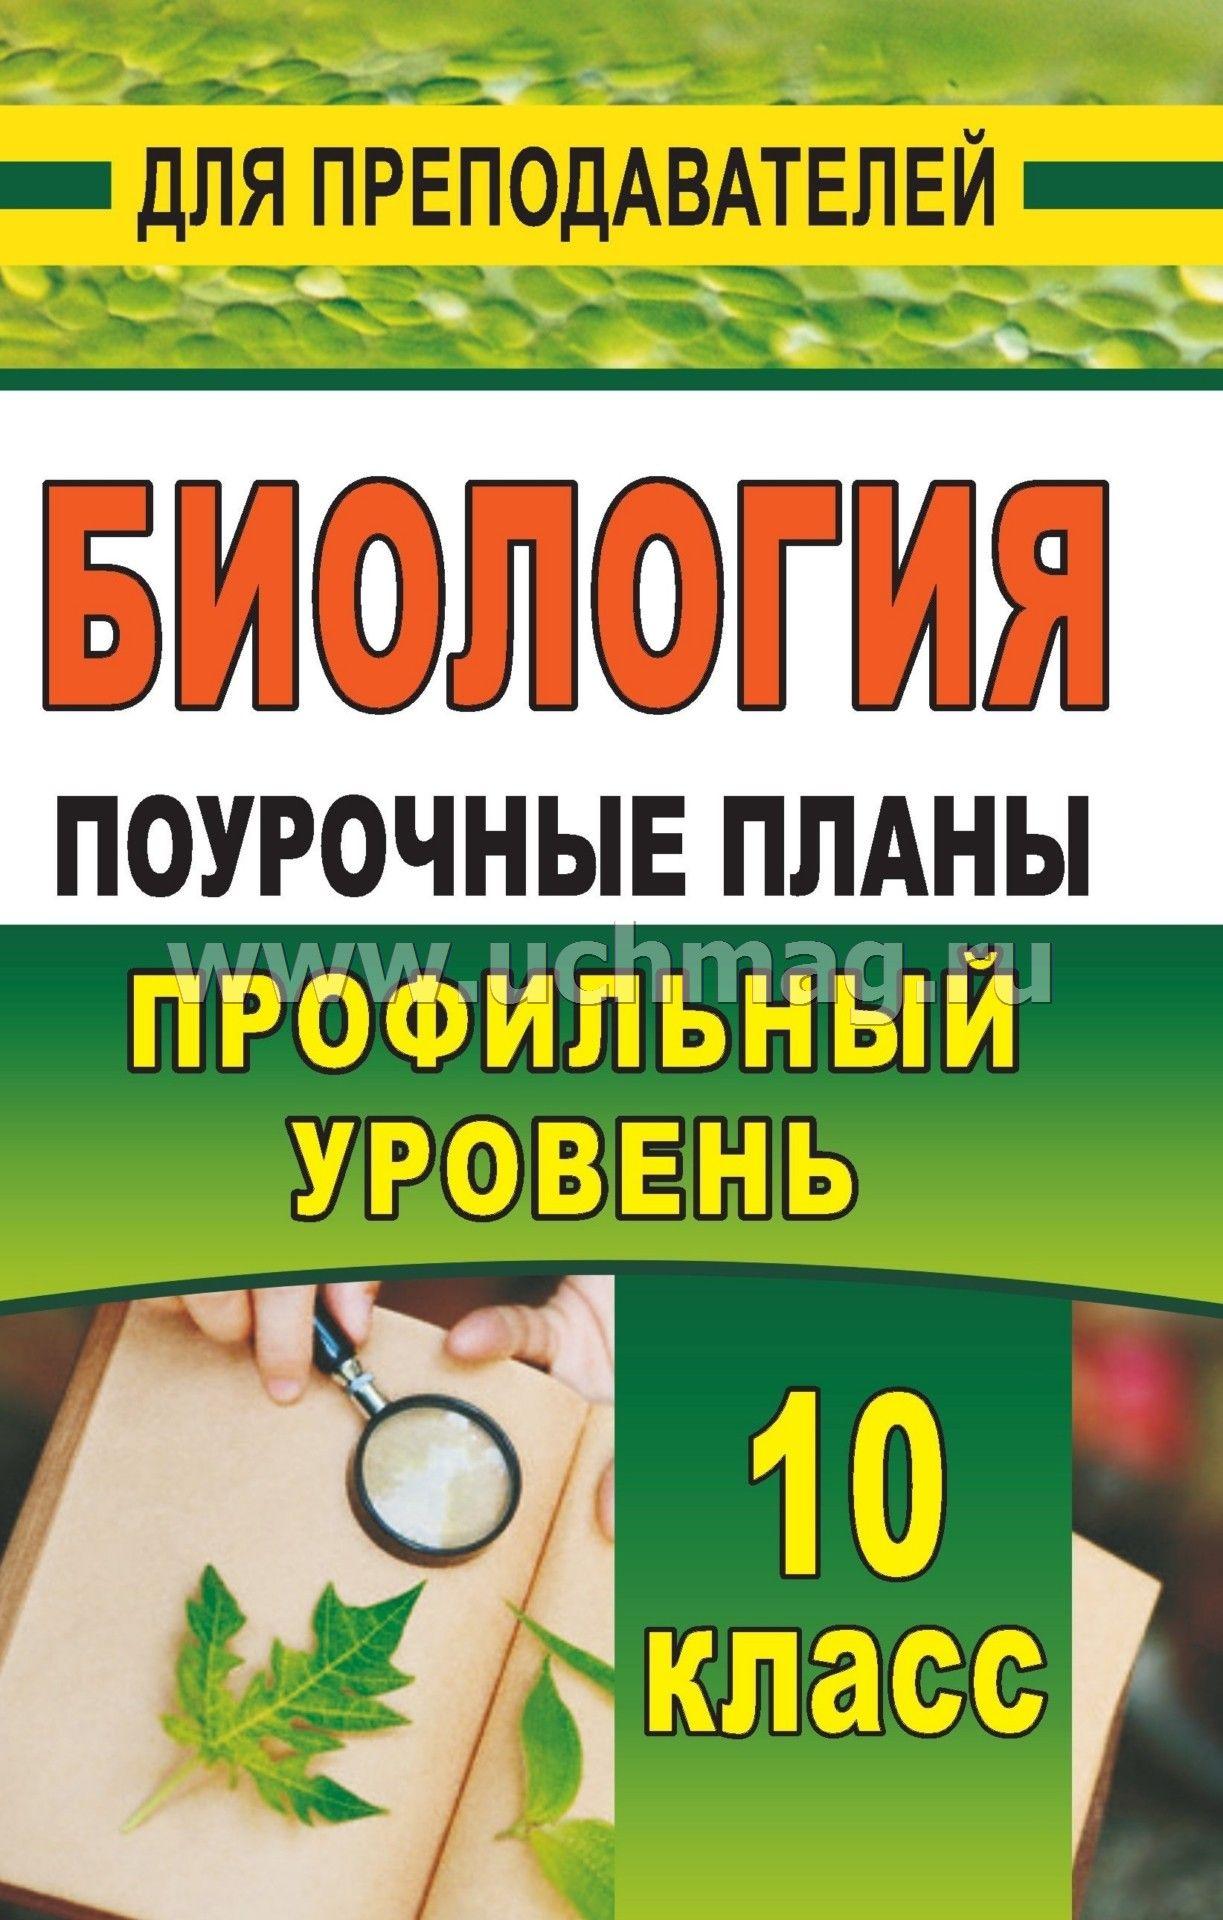 Скачать бесплатно поурочные планы по биологии 7 класс по учебнику редакций в.б захаров н.и.сонин